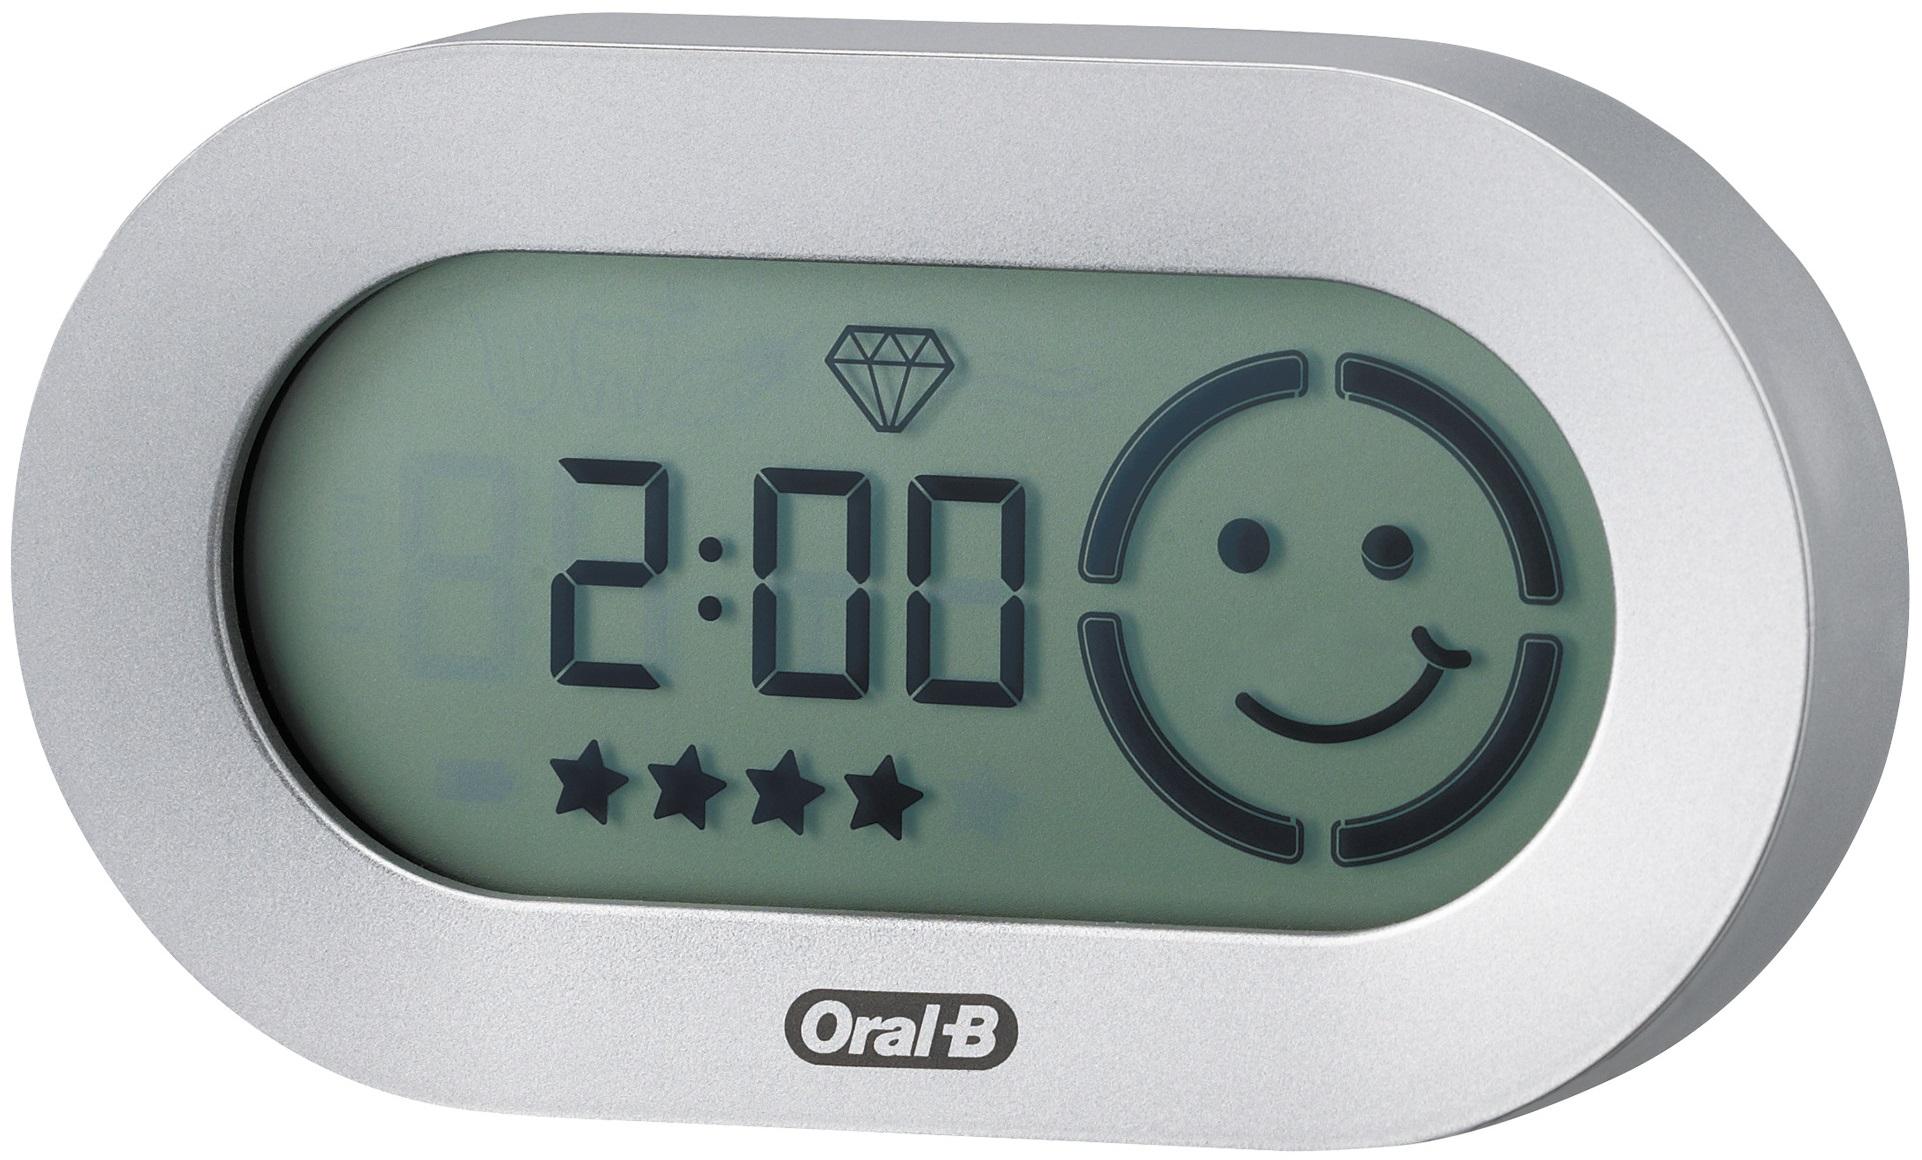 Вбудований таймер допомагає чистити зуби не менше рекомендованих  стоматологами 2 хвилин. Портативний зарядний пристрій зручний для подорожей  і безпечний ... c251b16bfb3cd